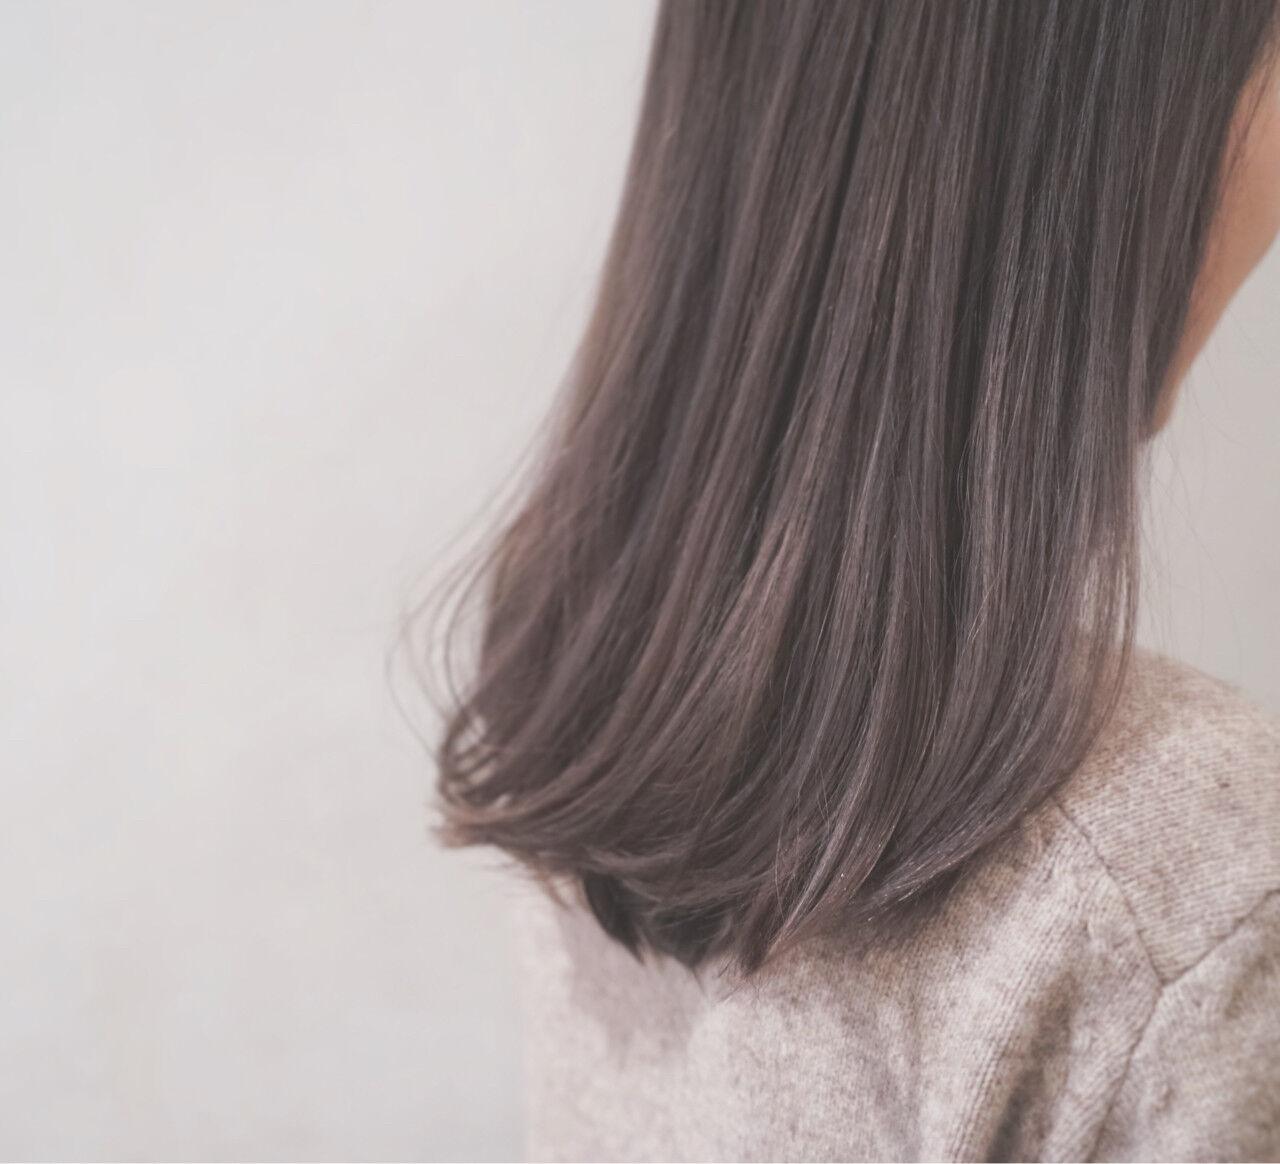 ハイトーン セミロング フェミニン ミルクティーヘアスタイルや髪型の写真・画像